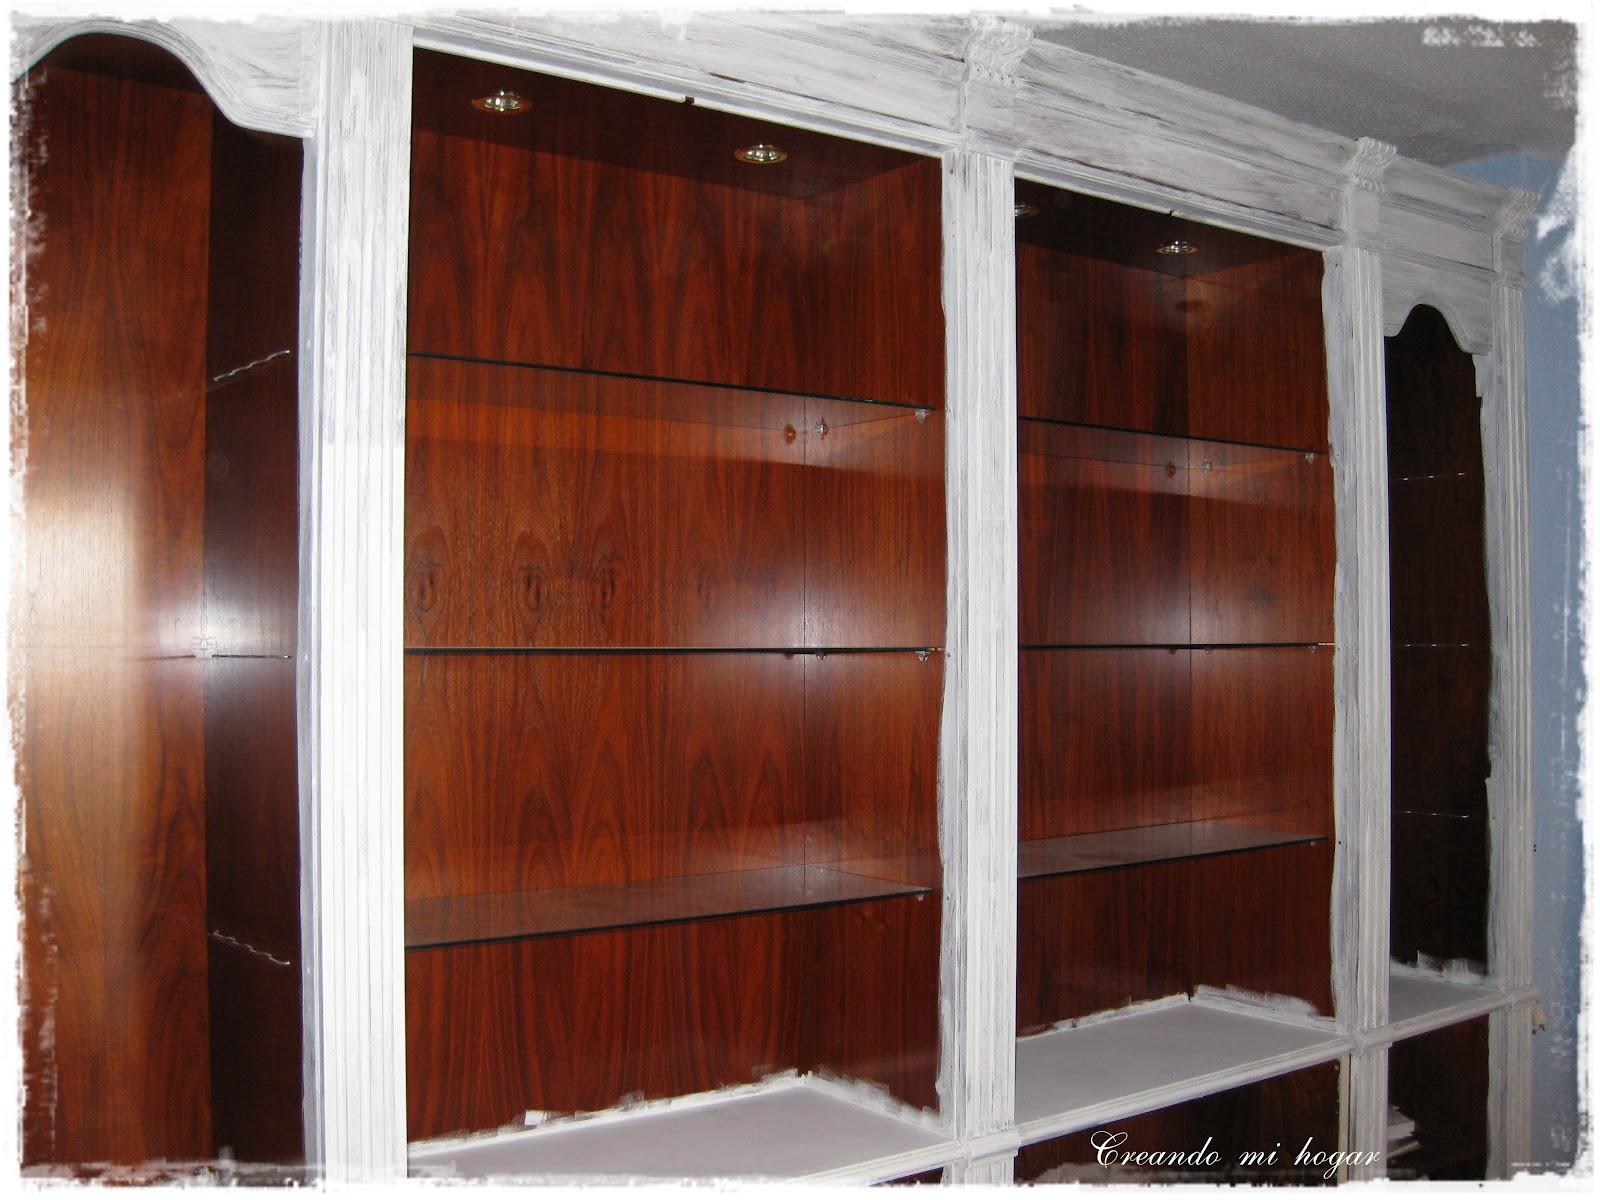 Creando mi hogar as empez todo - Reformar muebles viejos ...